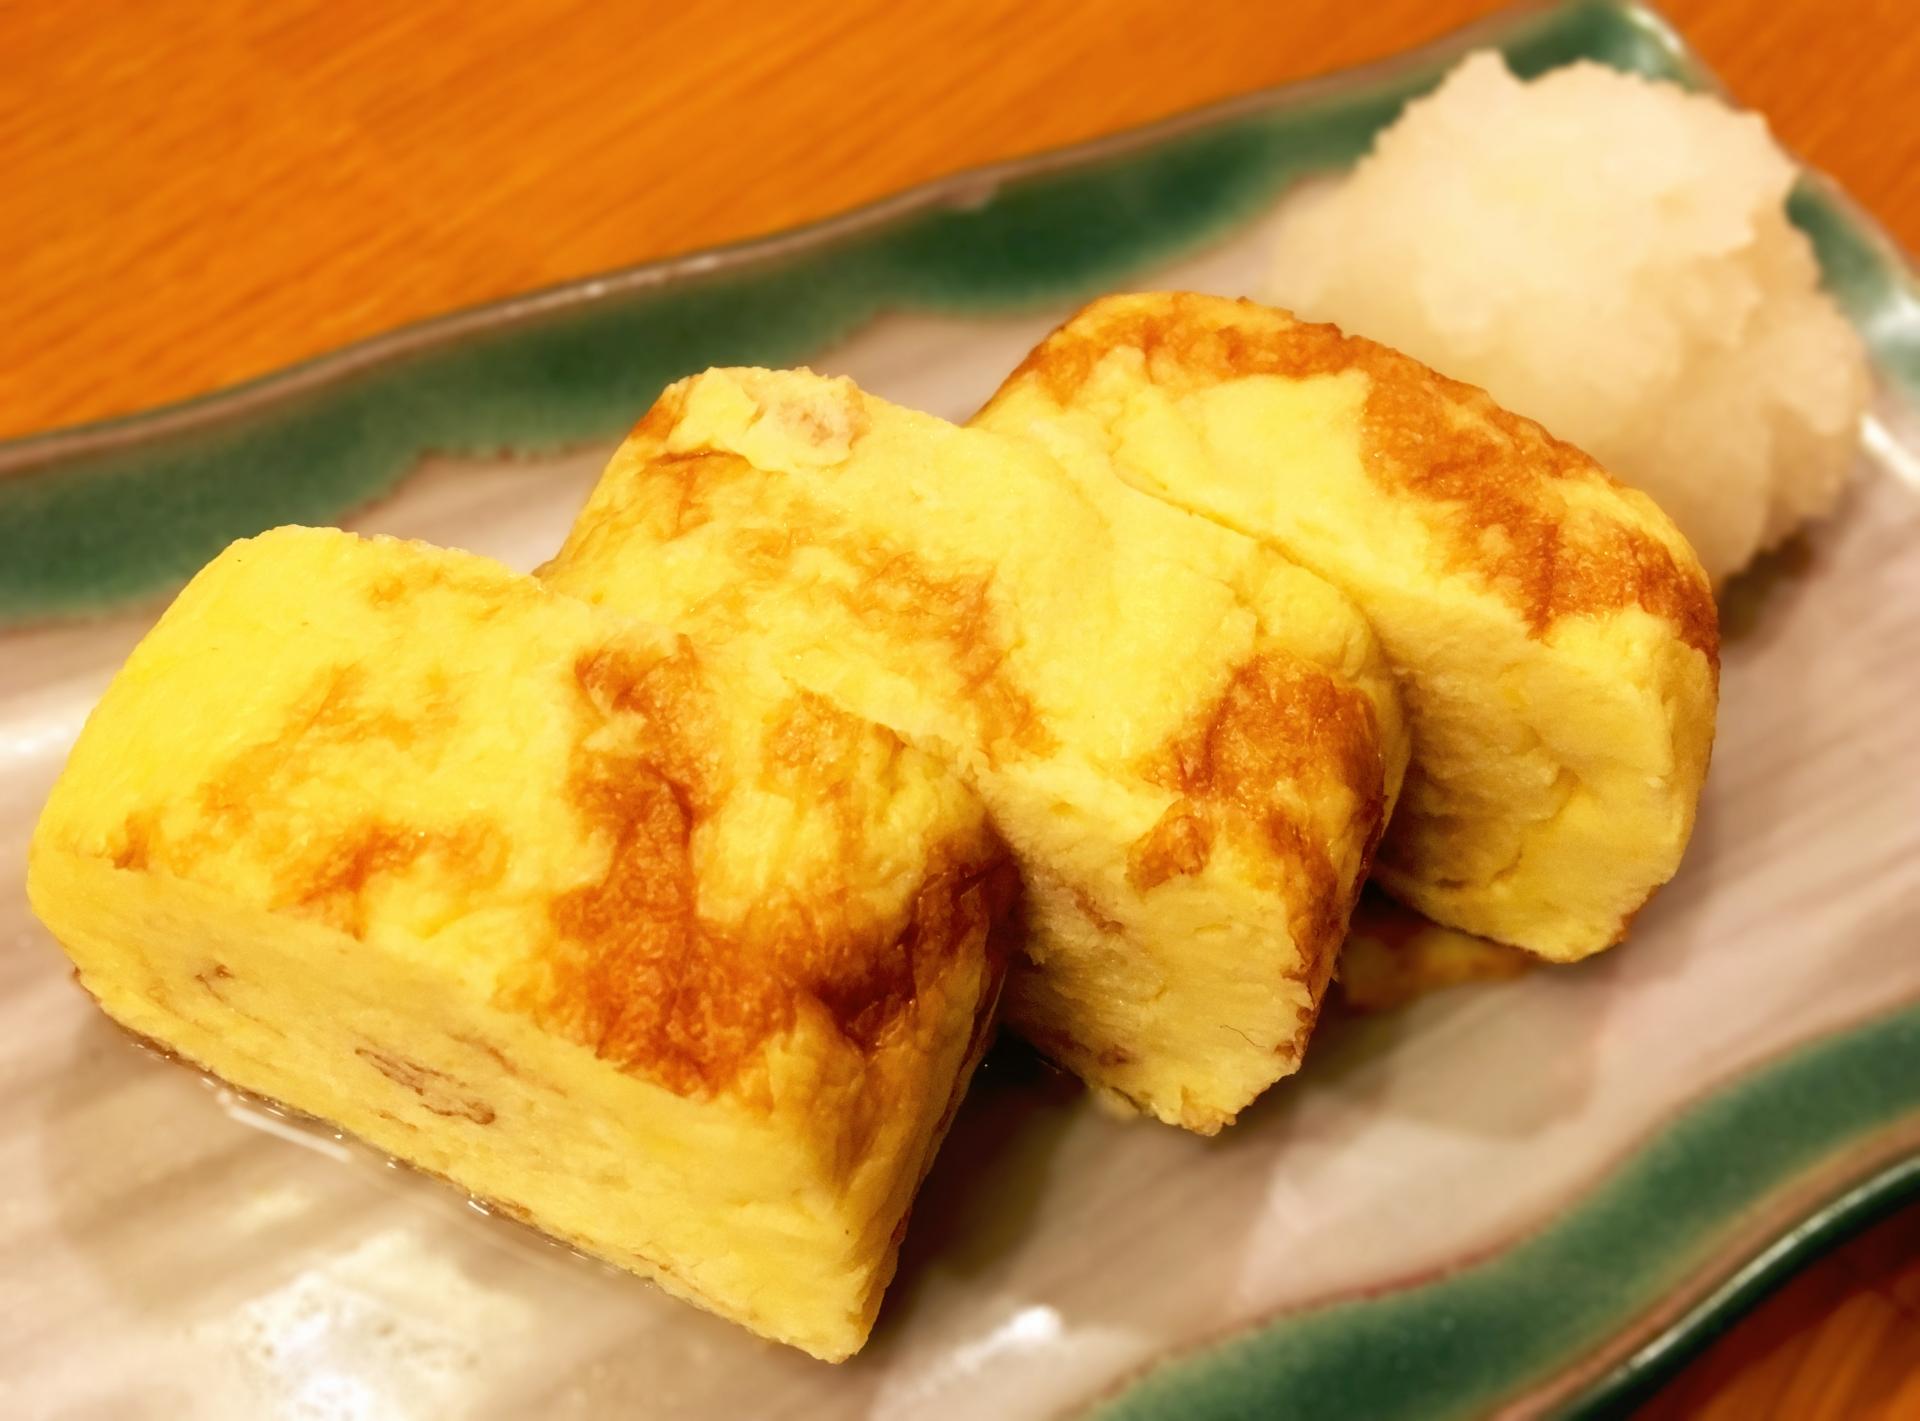 お弁当の卵焼きを前日に作り置きはOK?作り方や保存方法とは!